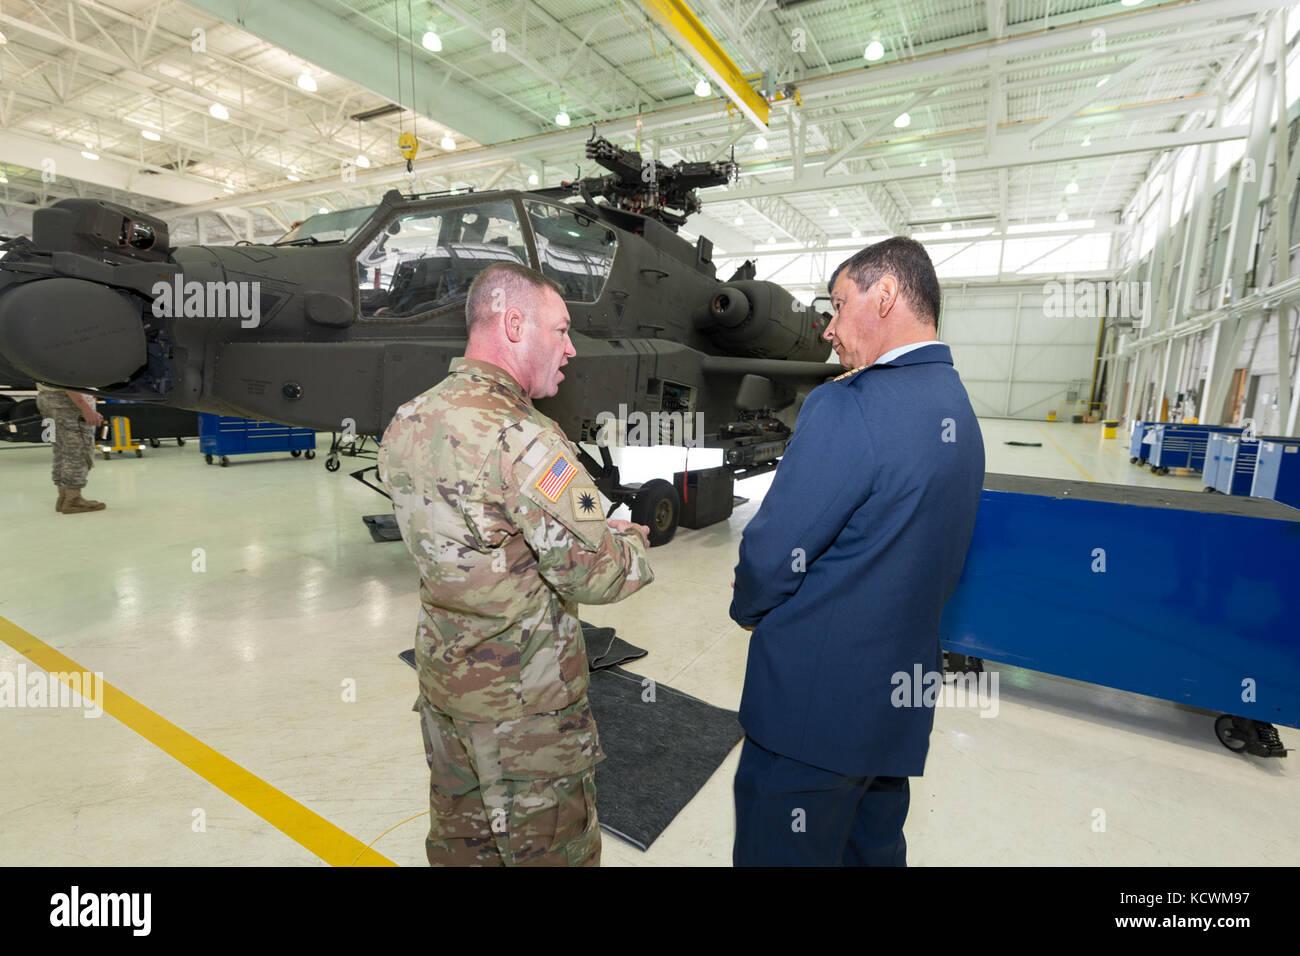 Le général de la Force aérienne colombienne Carlos Eduardo Bueno Vargas, commandant de la Force aérienne colombienne, rencontre le lieutenant-colonel James Fiddler de l'armée américaine et des experts de l'aviation dans le cadre d'un partenariat avec la Garde nationale de Caroline du Sud à la base de la Garde nationale commune McEntyre, à Eastover, Caroline du Sud, le 21 février 2017. Bueno était en visite en Caroline du Sud pendant son arrêt de deux jours à rencontrer la direction de la Garde nationale de S.C. et les installations de visite avant de se rendre à Washington, D.C. pour rencontrer le chef du Bureau de la Garde nationale et le chef d'état-major de la Force aérienne des États-Unis Photo de la Garde nationale aérienne par Tech Banque D'Images